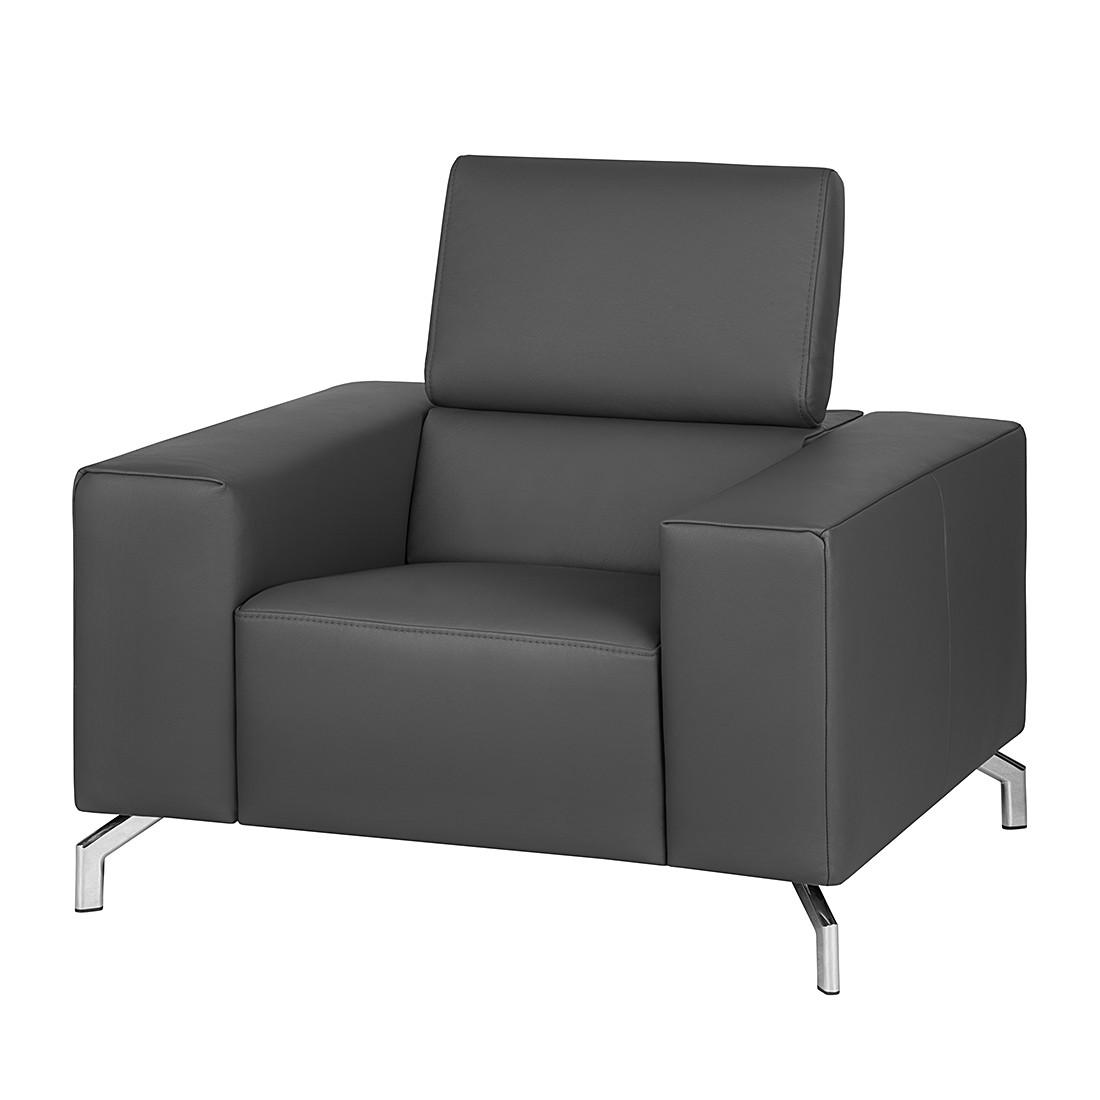 fauteuil varberg xxl cuir v ritable gris fonc loftscape le fait main. Black Bedroom Furniture Sets. Home Design Ideas